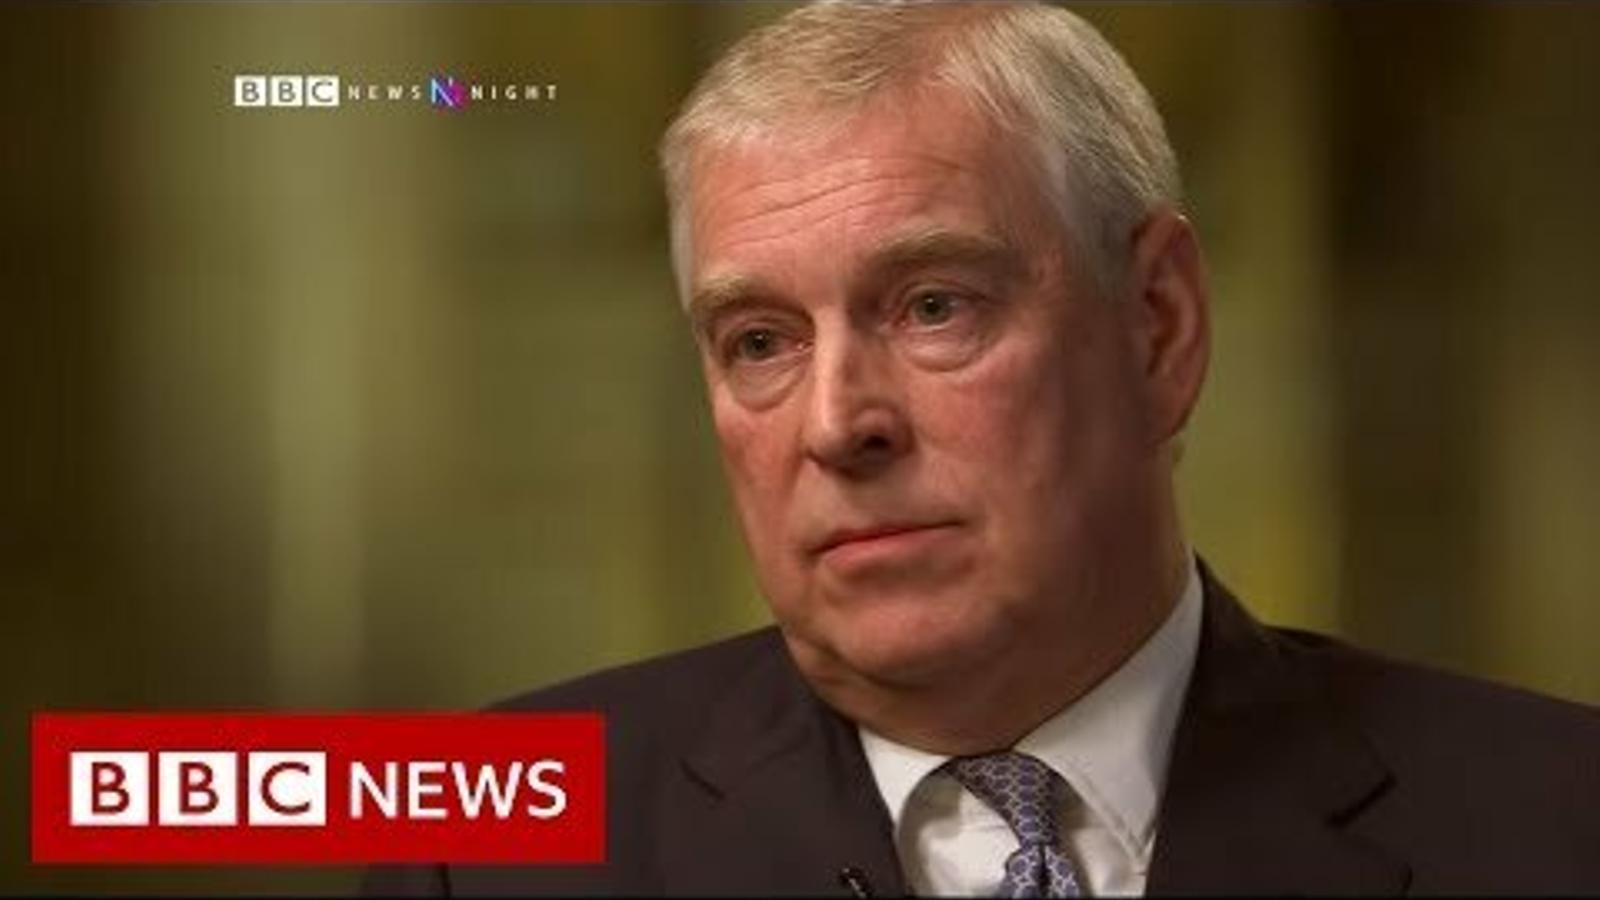 Entrevista de la BBC amb el príncep Andreu